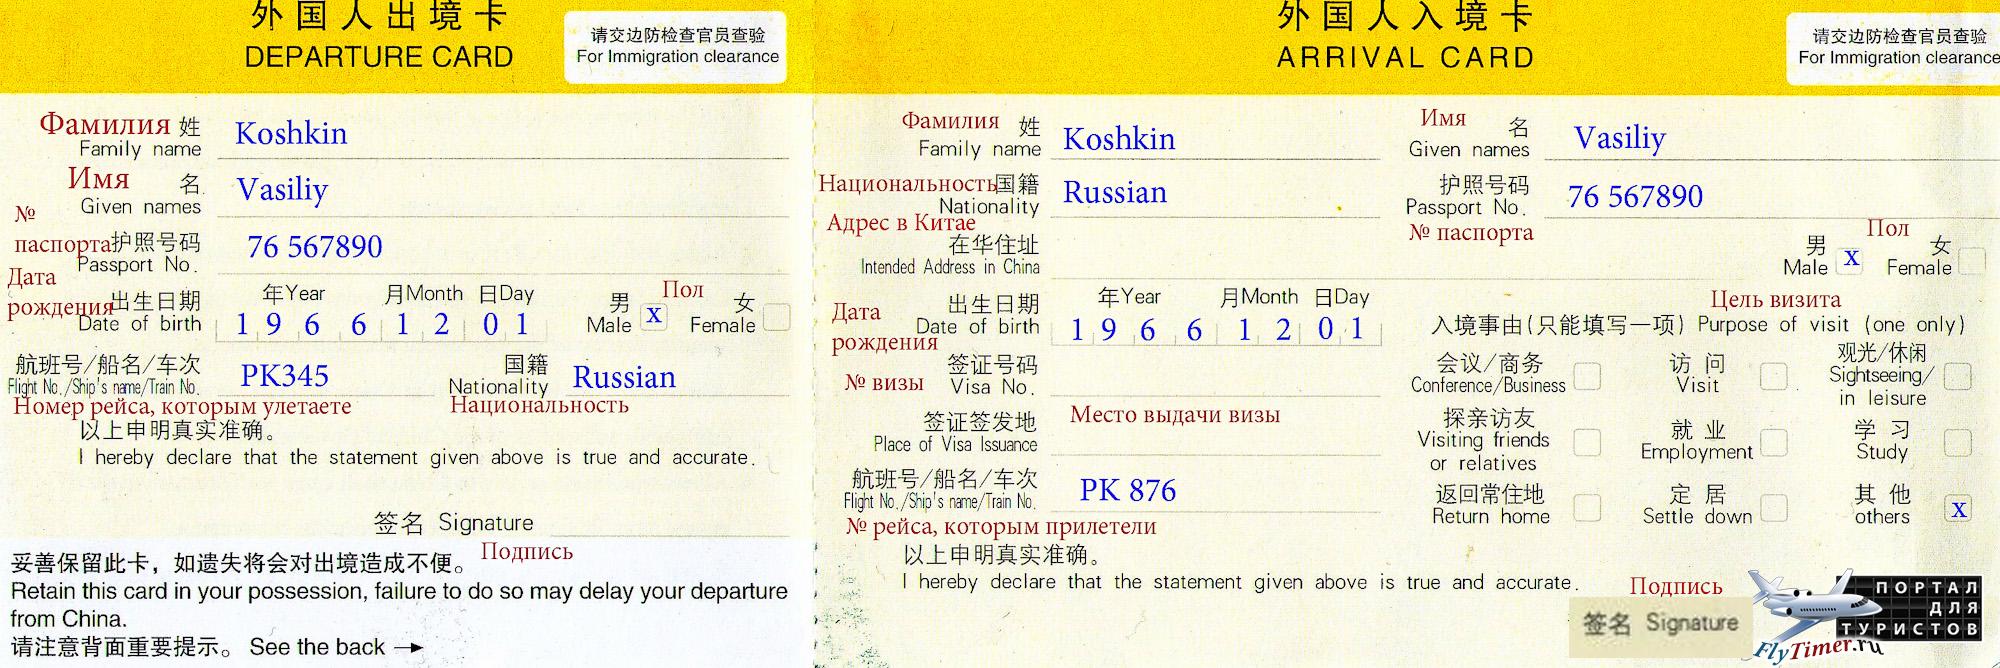 русско английский переводчик слушать онлайн